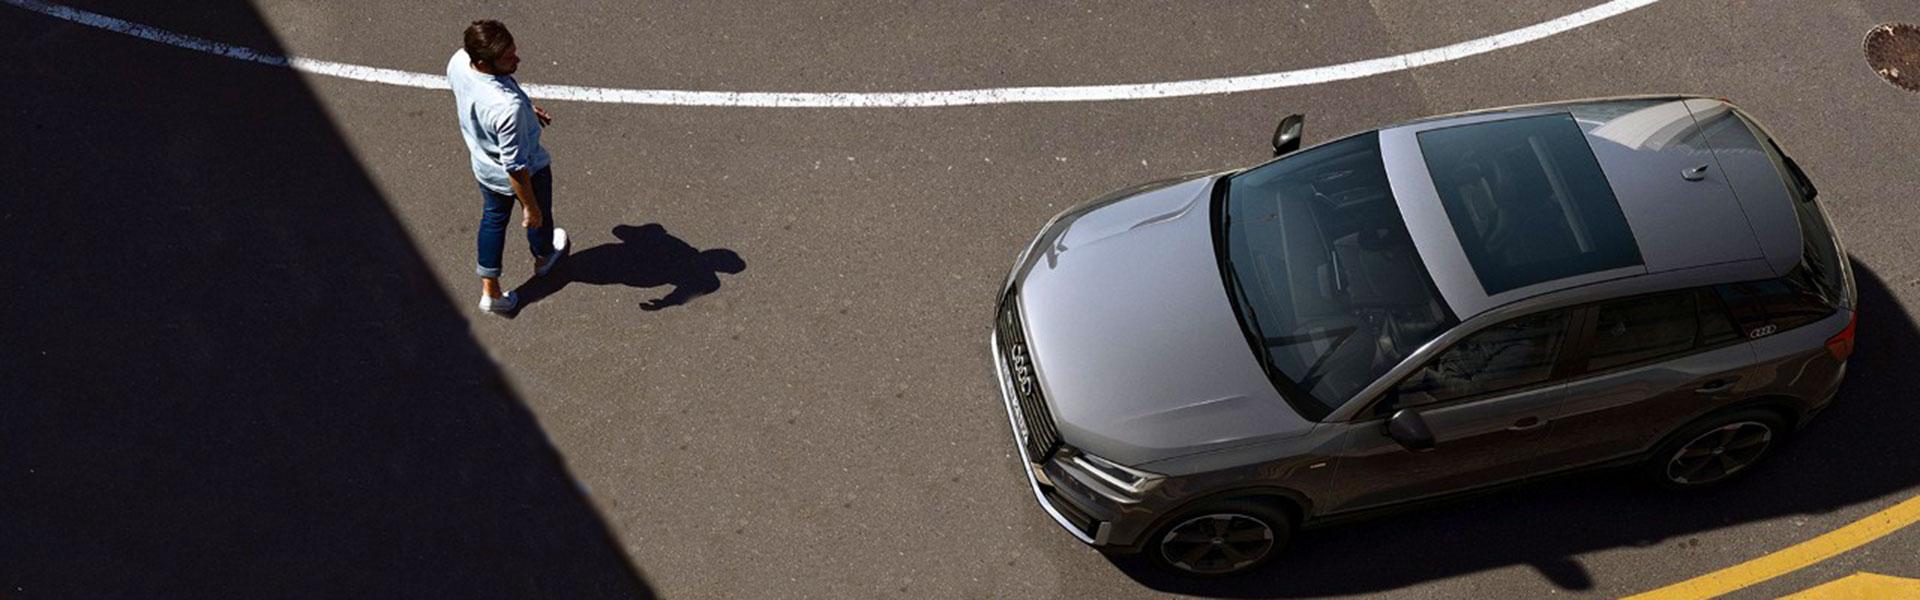 Ζητήστε Προσφορά Audi - Volkswagen - Skoda